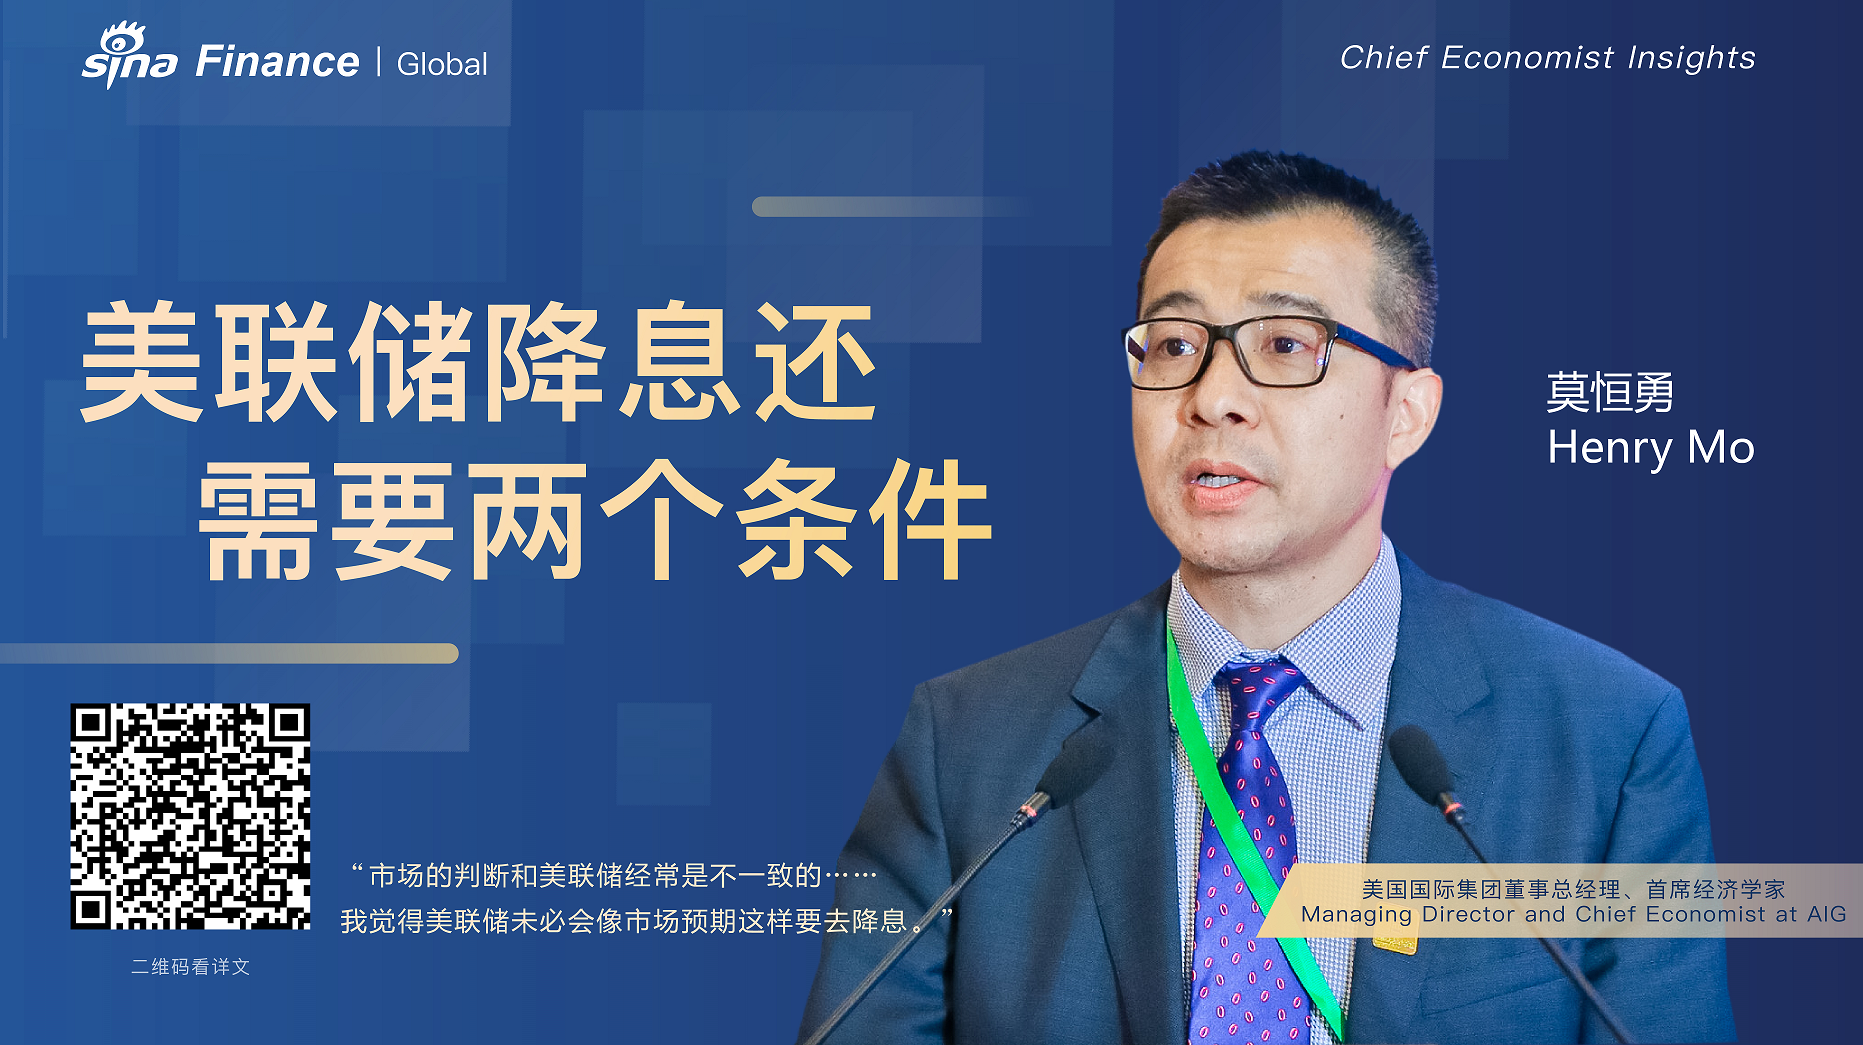 美国国际集团(AIG)董事总经理、首席经济学家莫恒勇博士(图片来源:新浪财经)